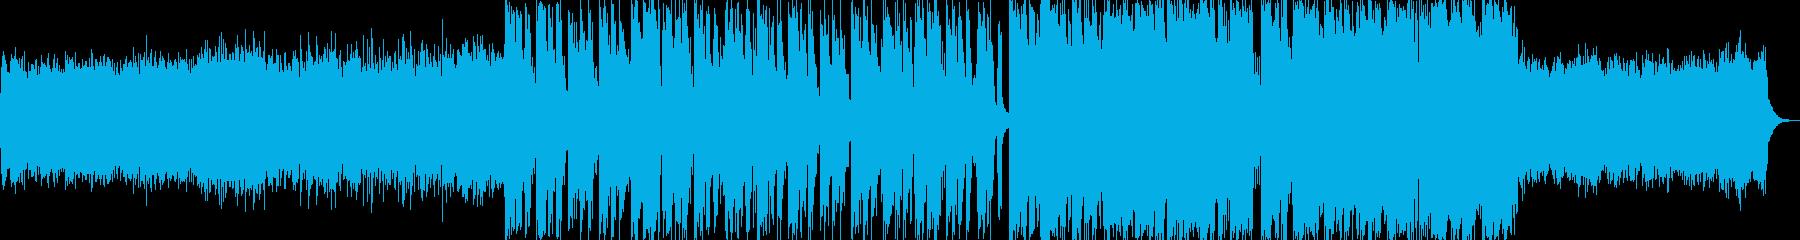 ワクワクと哀愁のアコギシンセポップの再生済みの波形